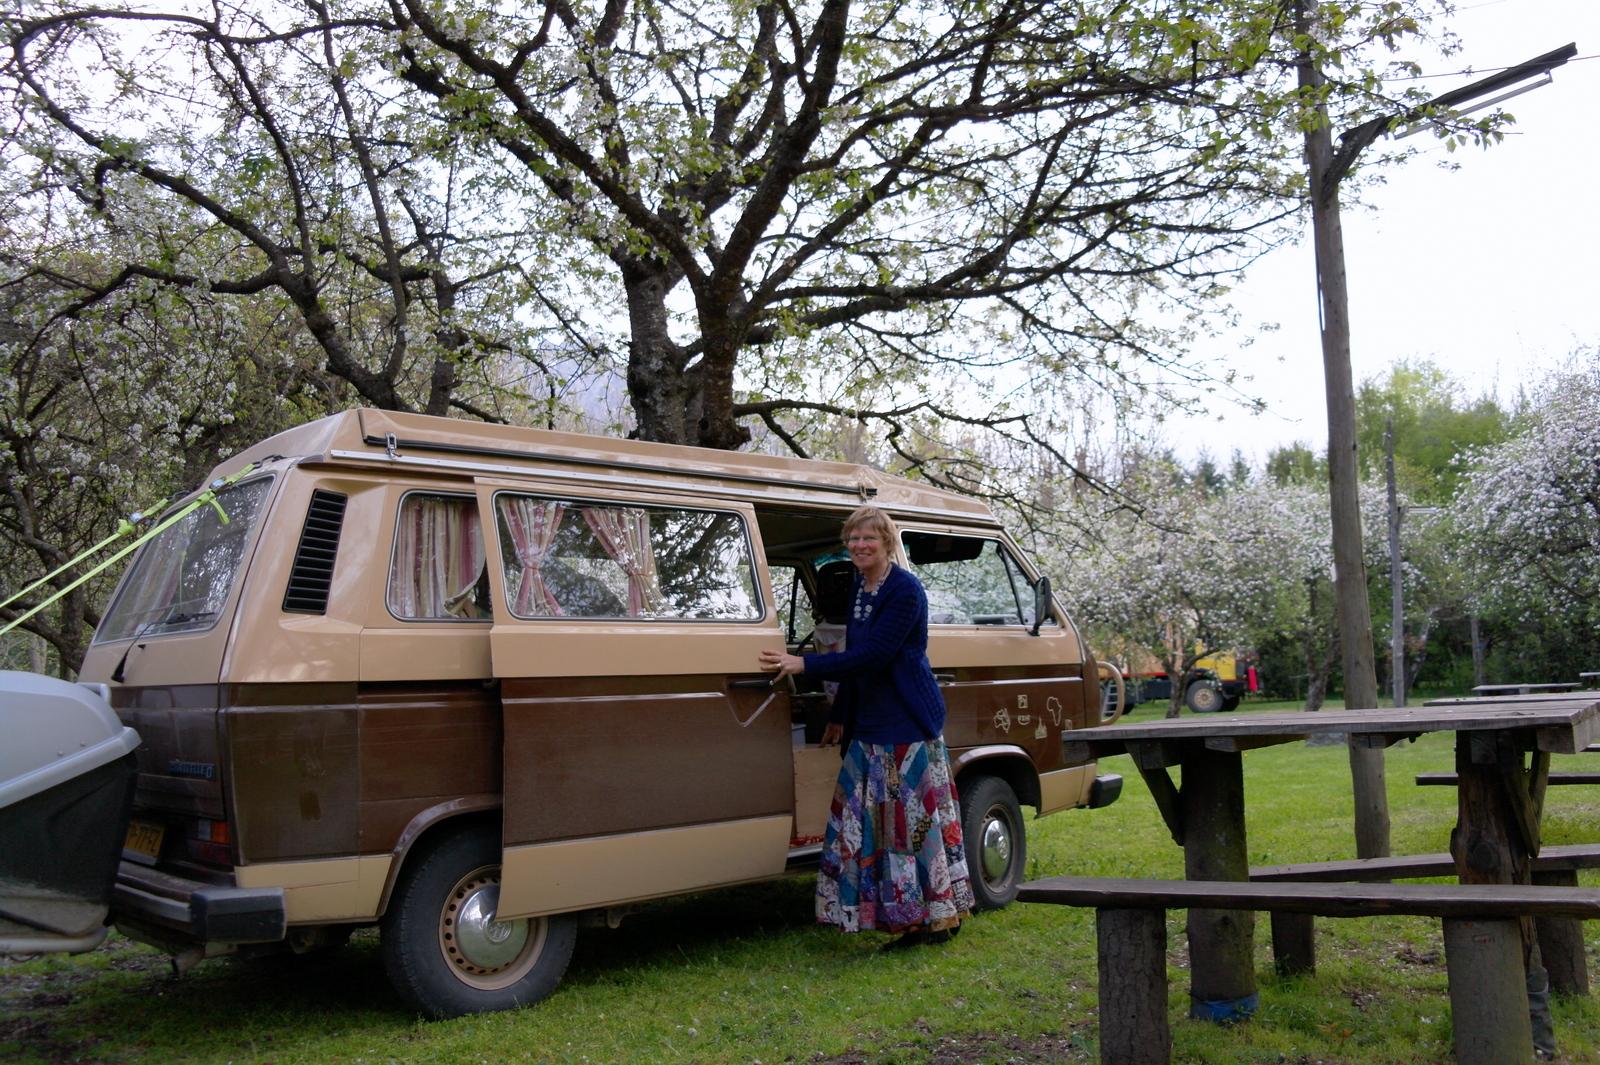 22 en kamperen in de appelboomgaard in volle bloei